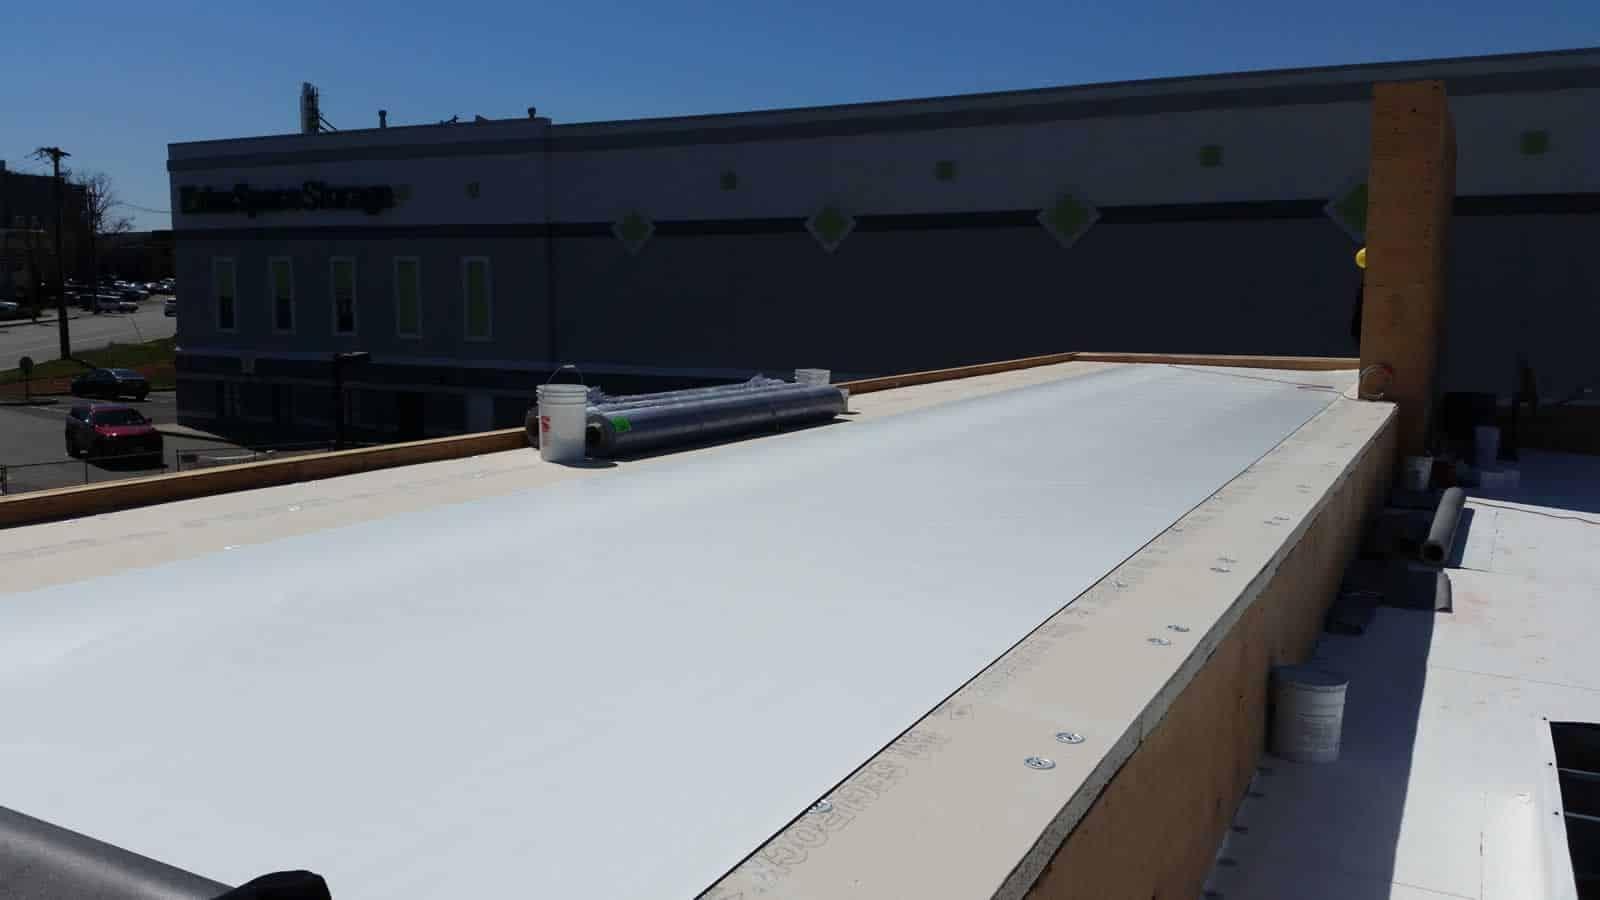 Pvc Roofs Amp Flat Ib Pvc Roofs 20160415 114318